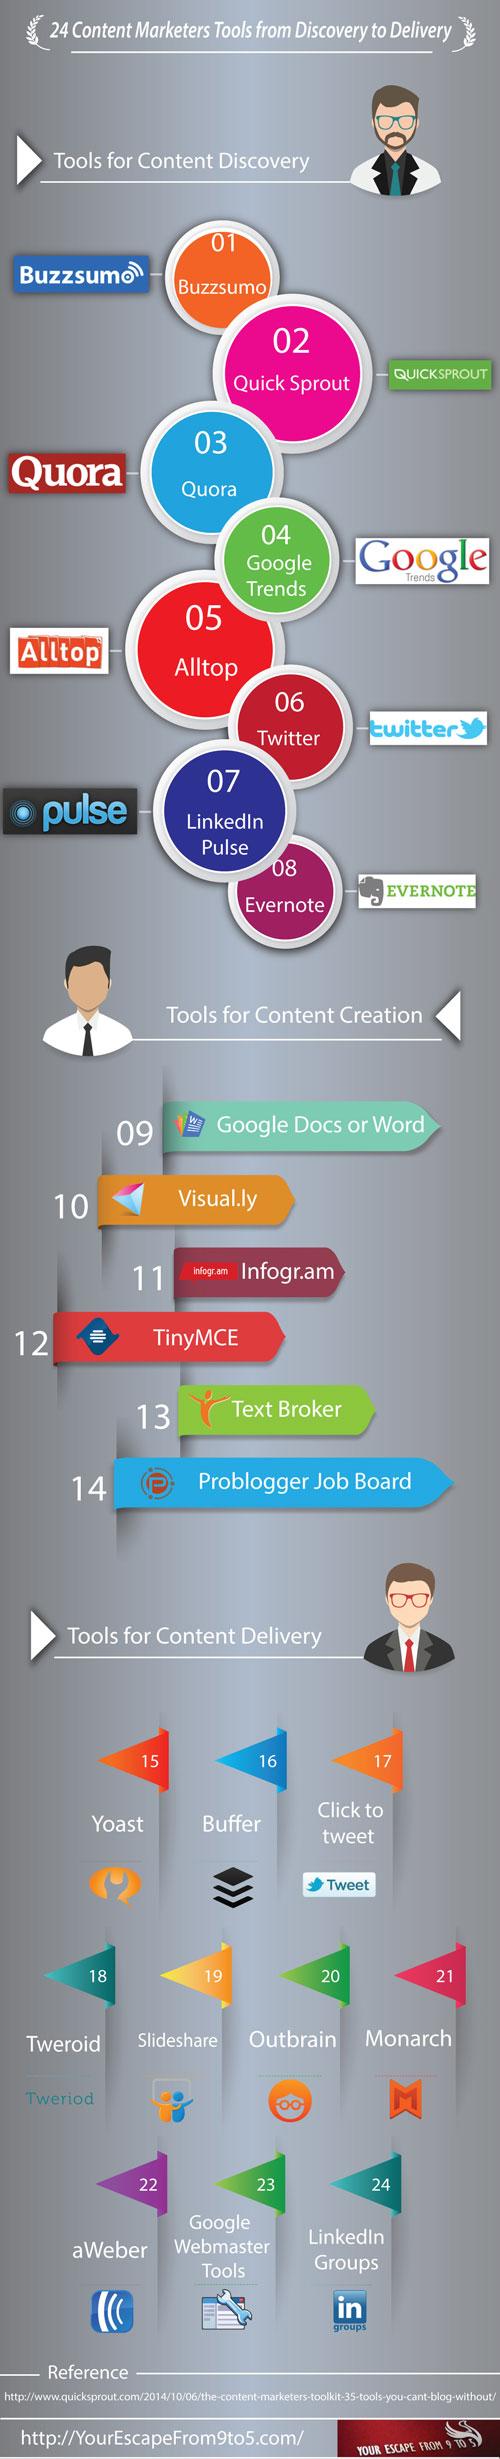 24 strumenti per fare Content Marketing